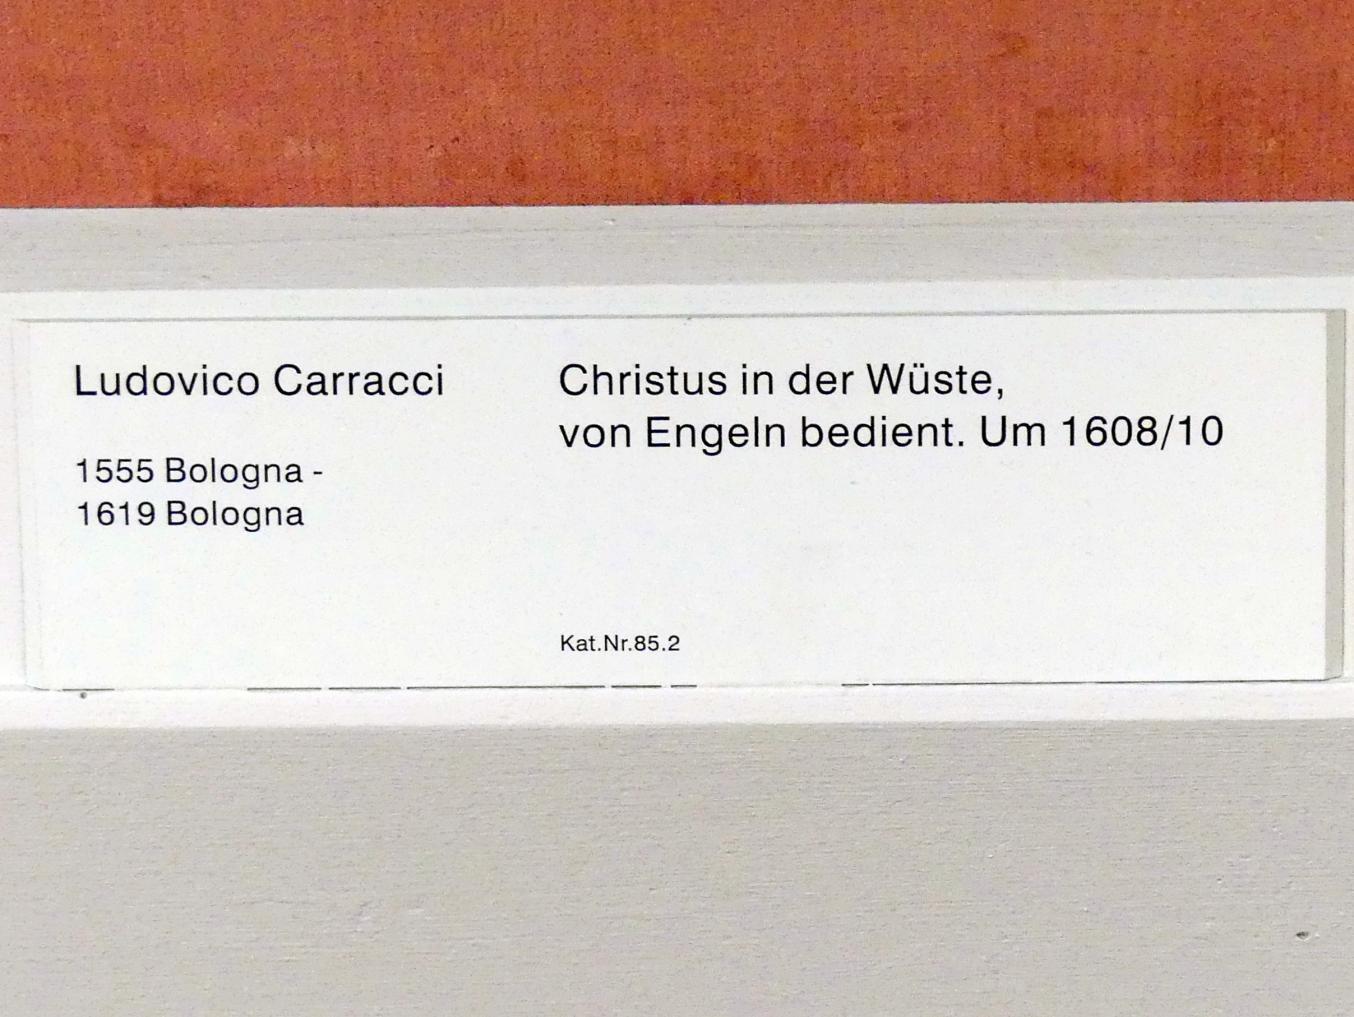 Ludovico Carracci: Christus in der Wüste, von Engeln bedient, um 1608 - 1610, Bild 2/2